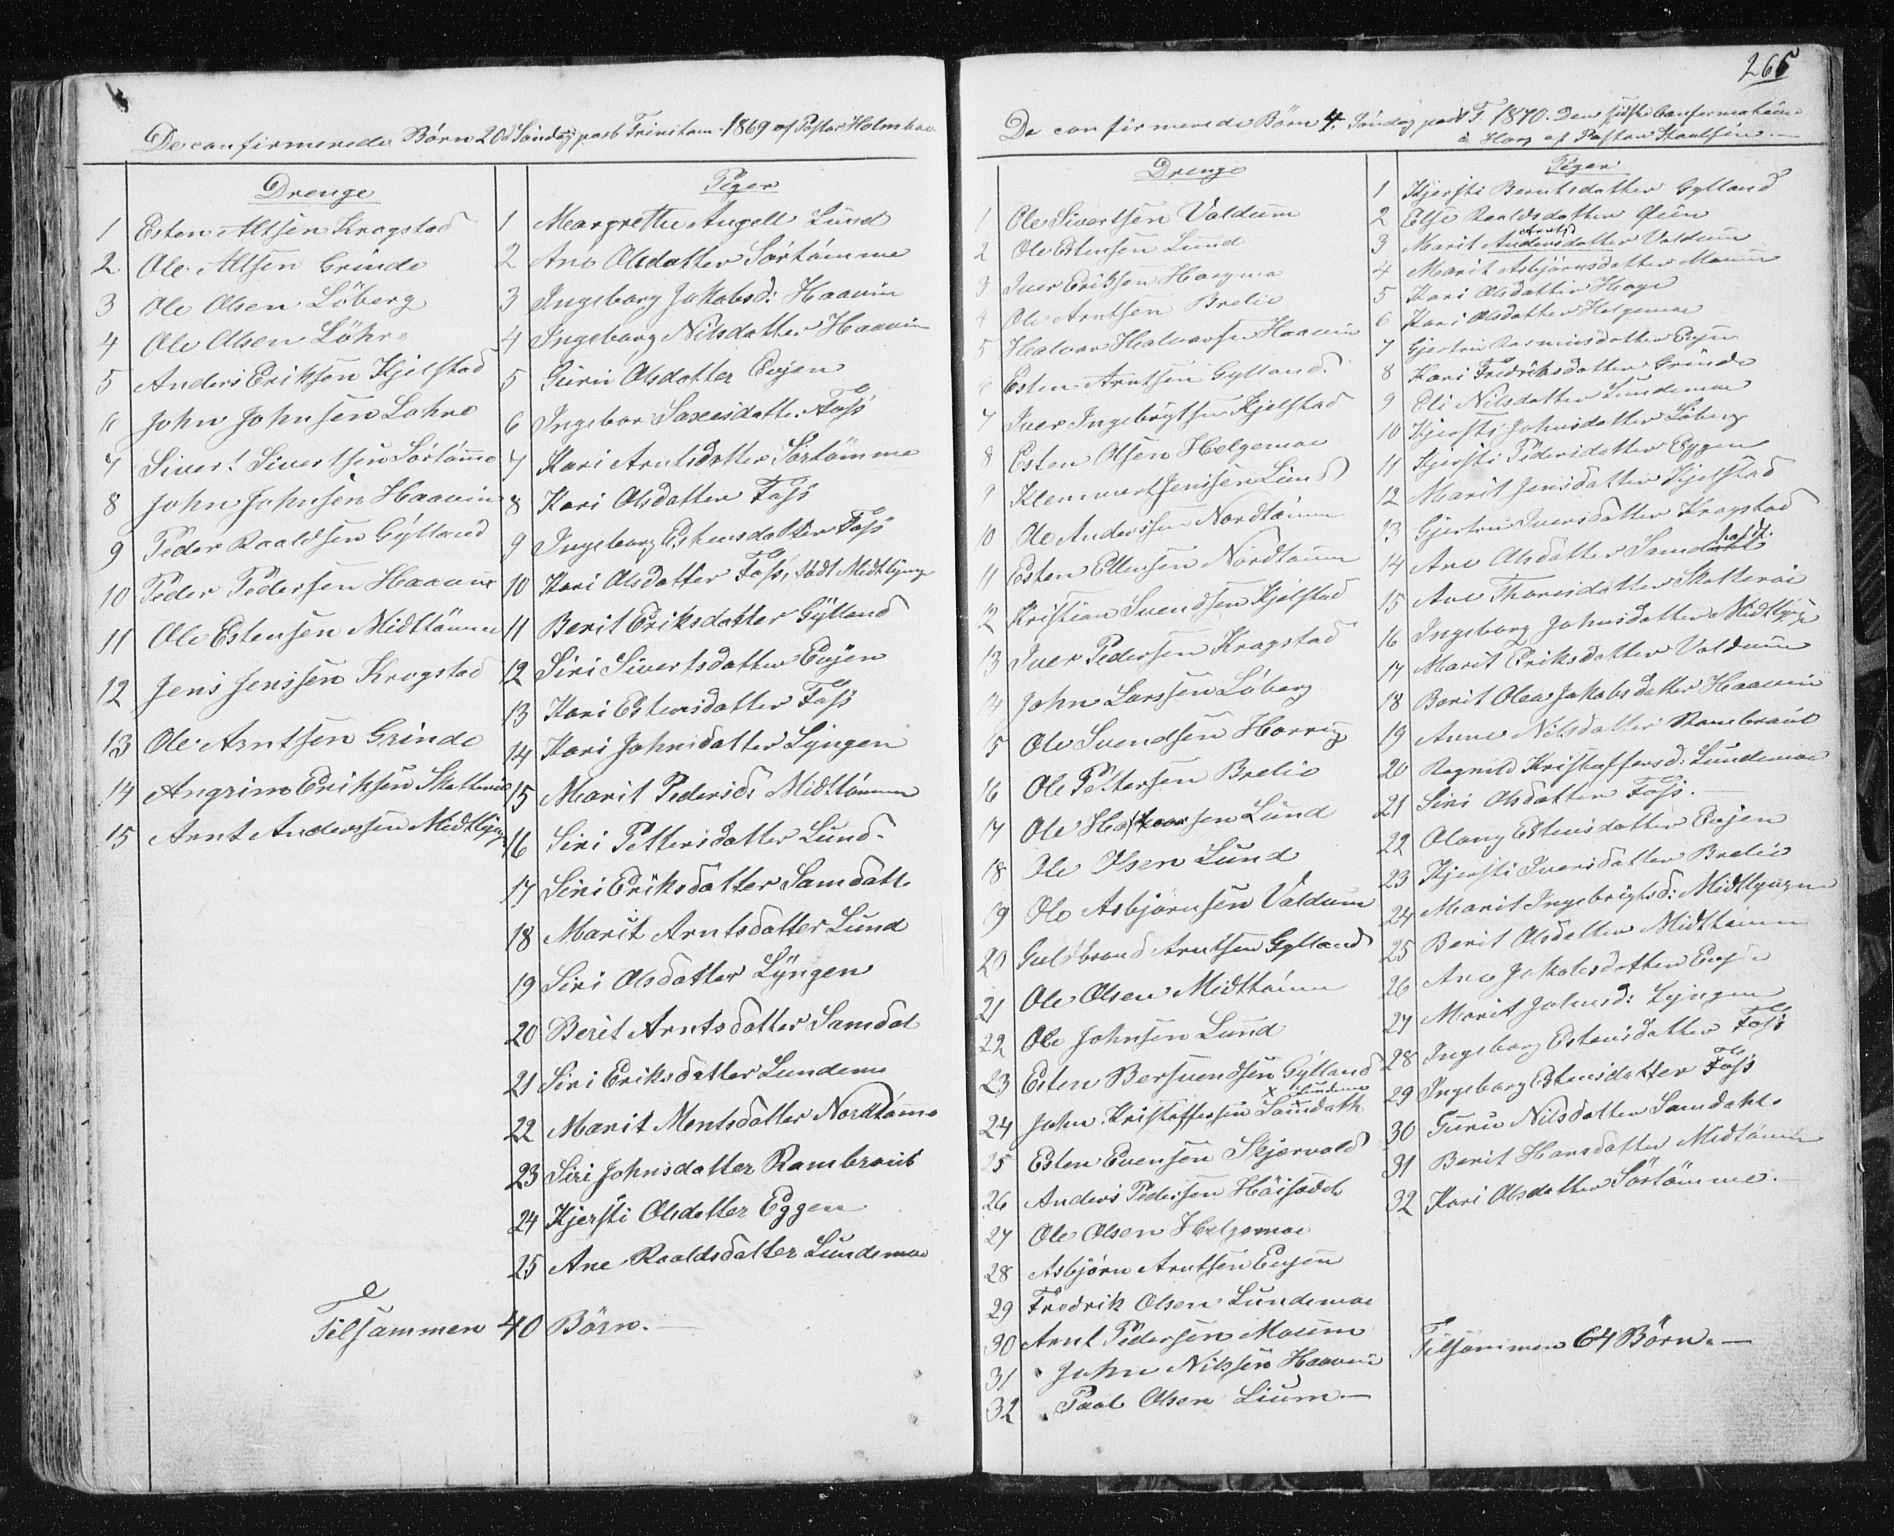 SAT, Ministerialprotokoller, klokkerbøker og fødselsregistre - Sør-Trøndelag, 692/L1110: Klokkerbok nr. 692C05, 1849-1889, s. 265